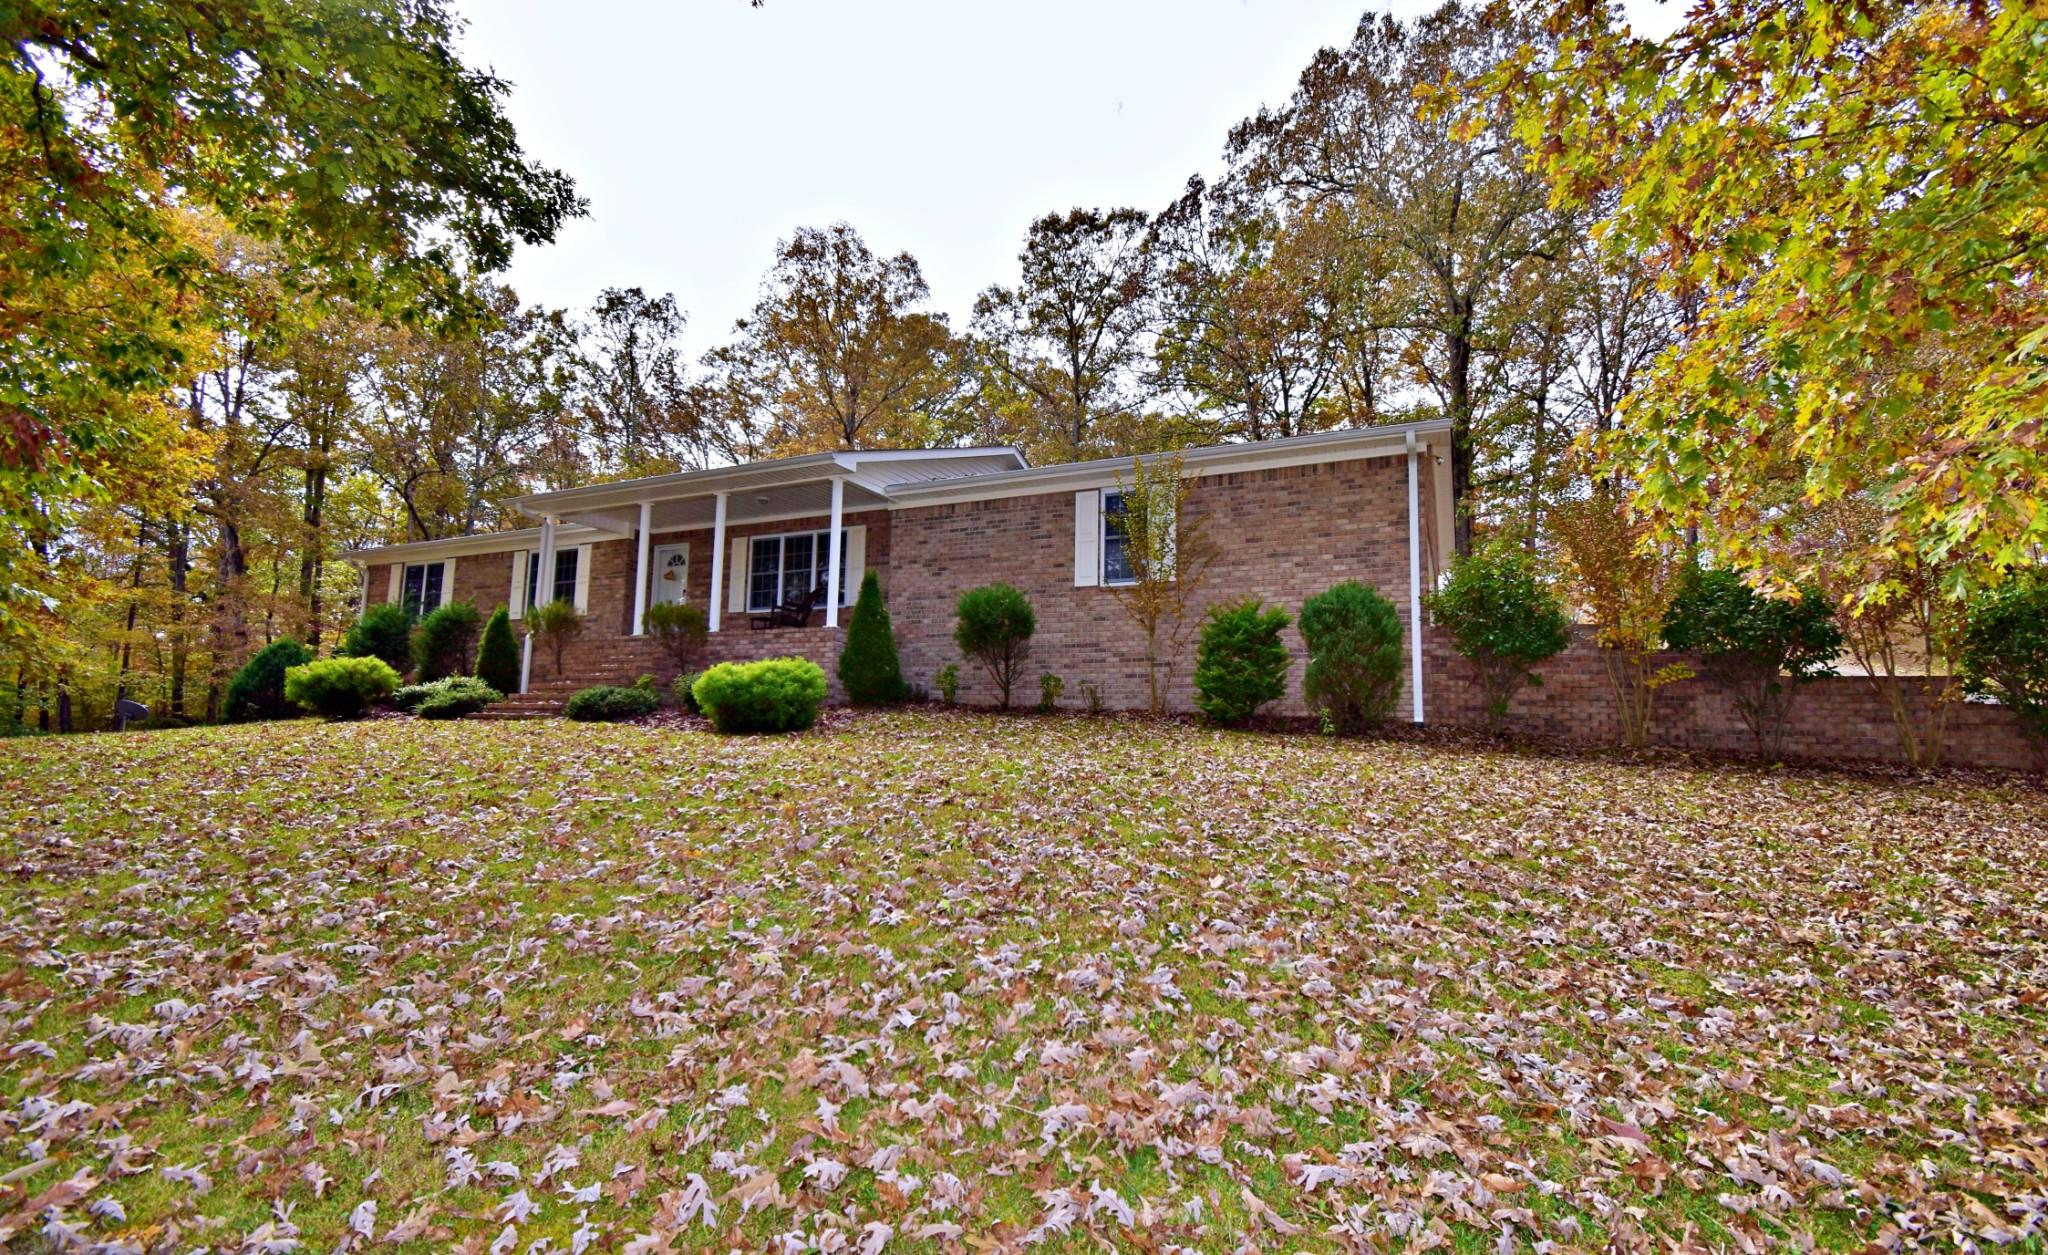 102 Hillview Dr, Linden, TN 37096 - Linden, TN real estate listing